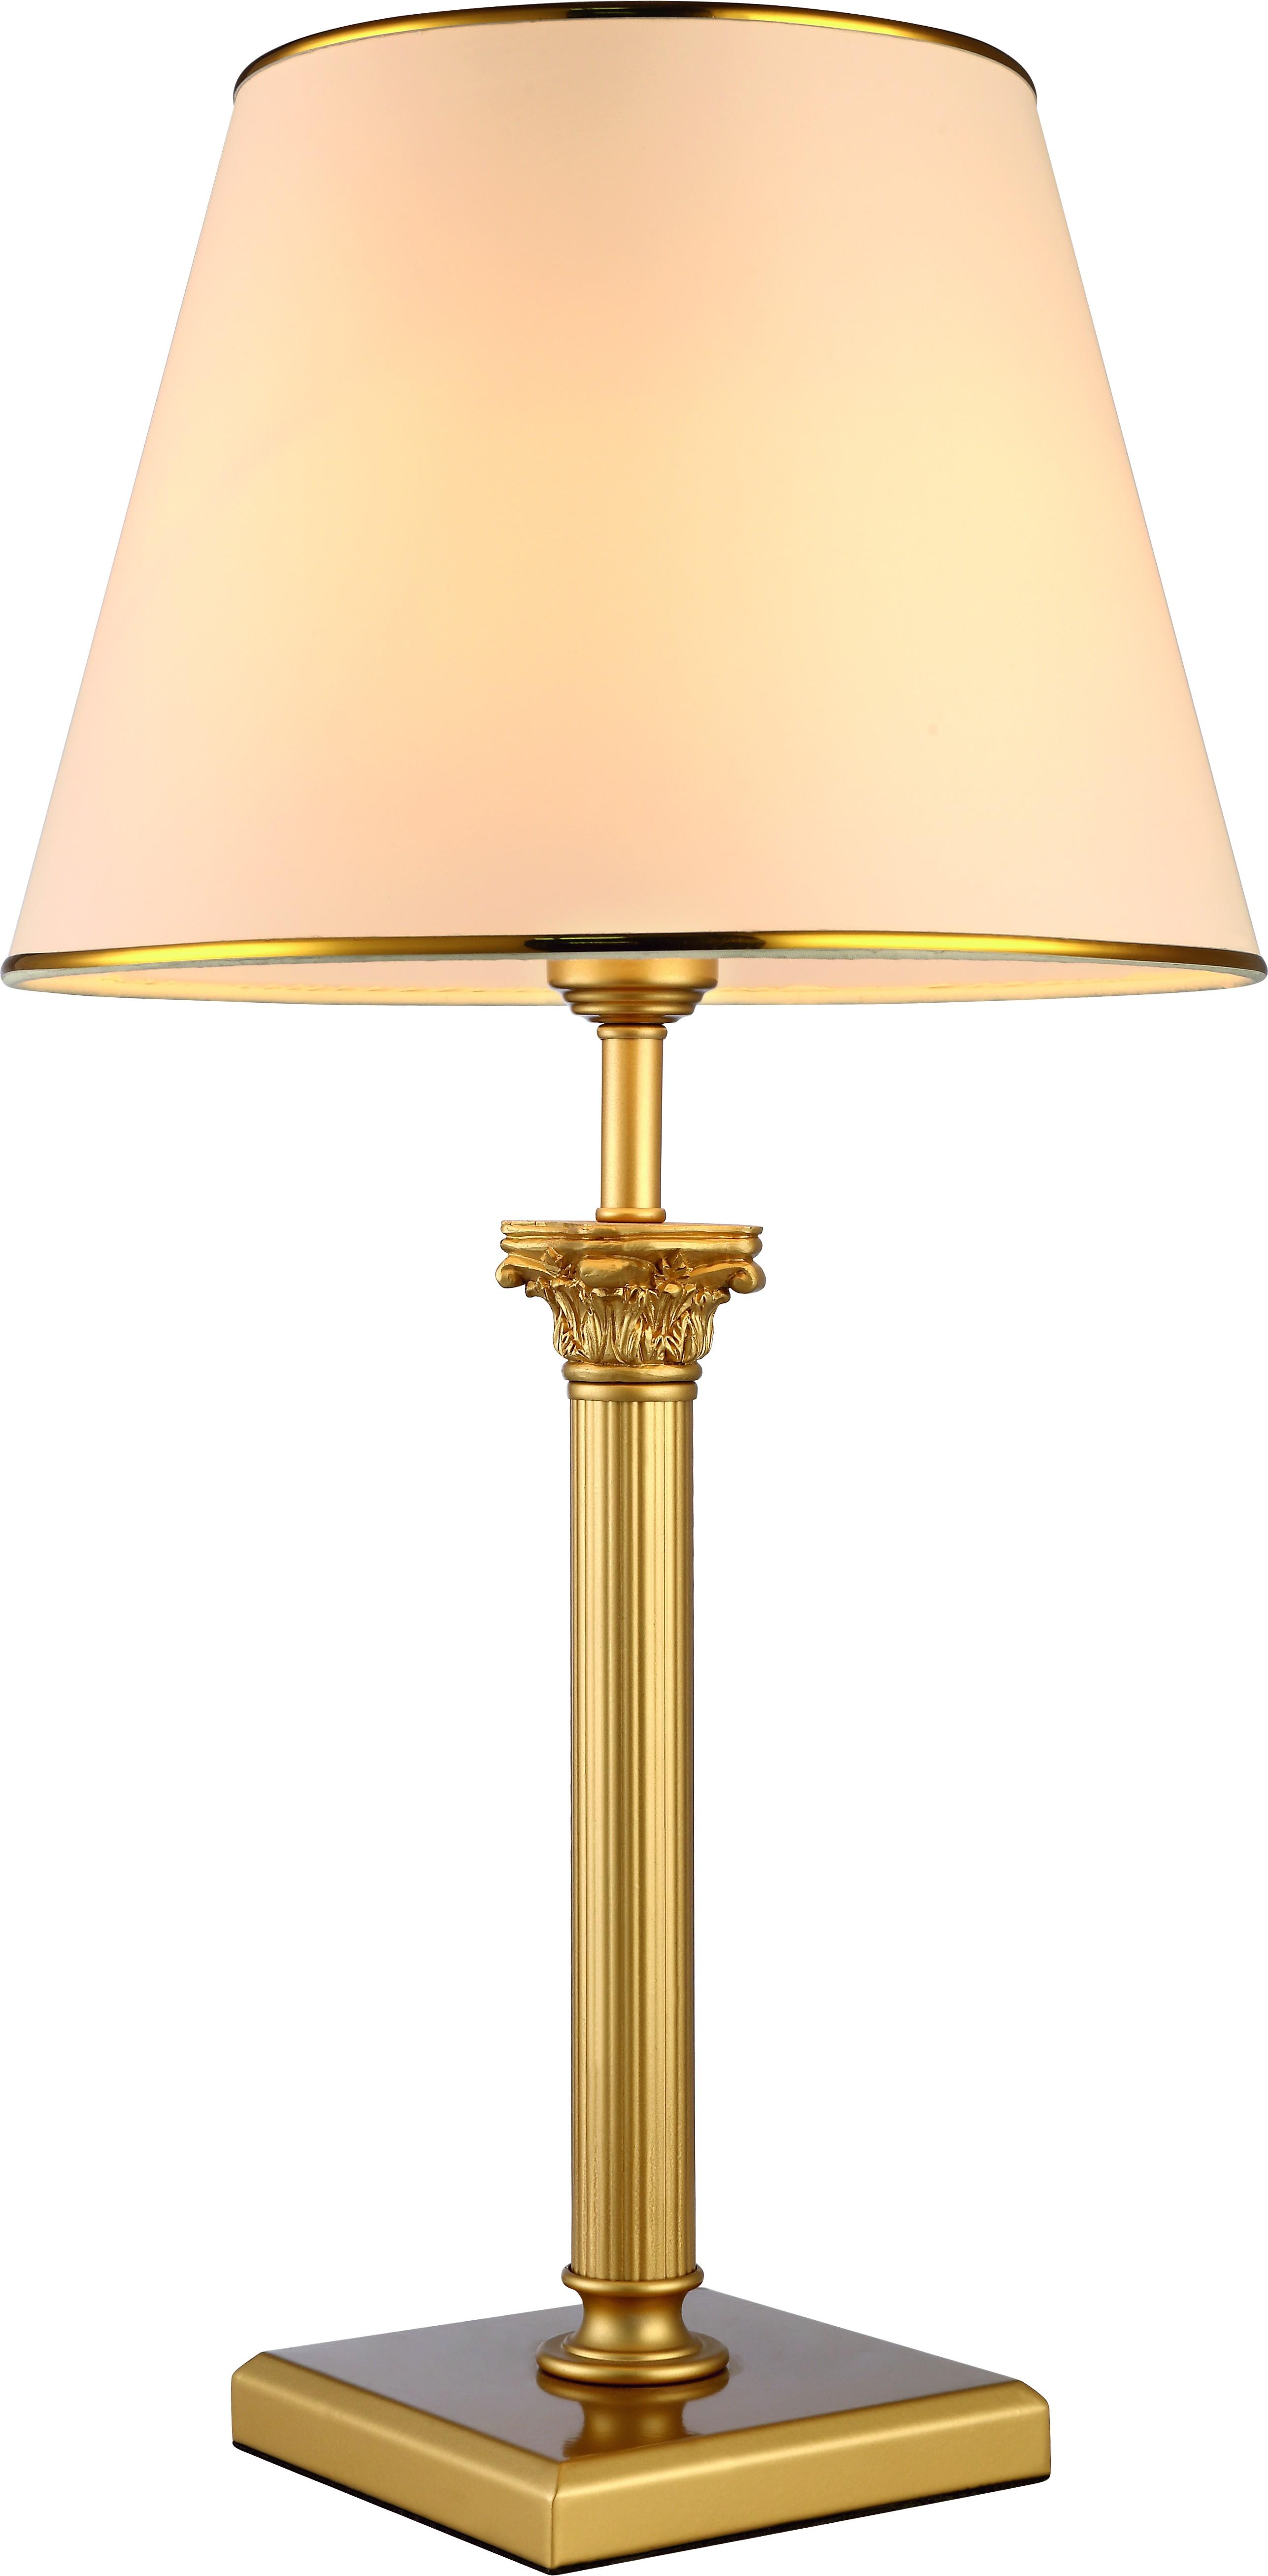 Лампа настольная Arte lamp A9185lt-1sg настольная лампа arte lamp budapest a9185lt 1sg